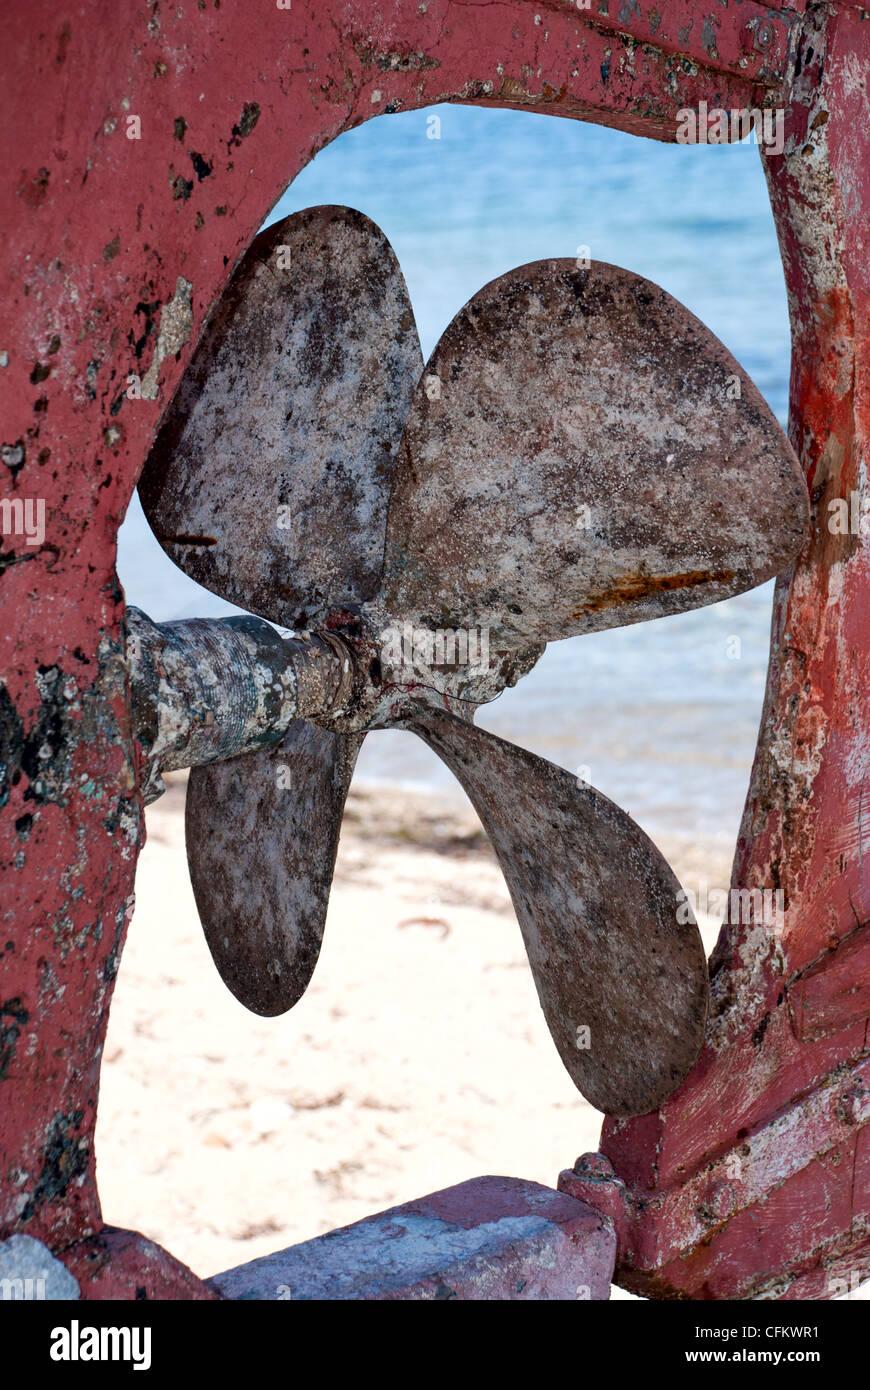 Nahaufnahme von einer alten rostigen Boot propeller Stockbild